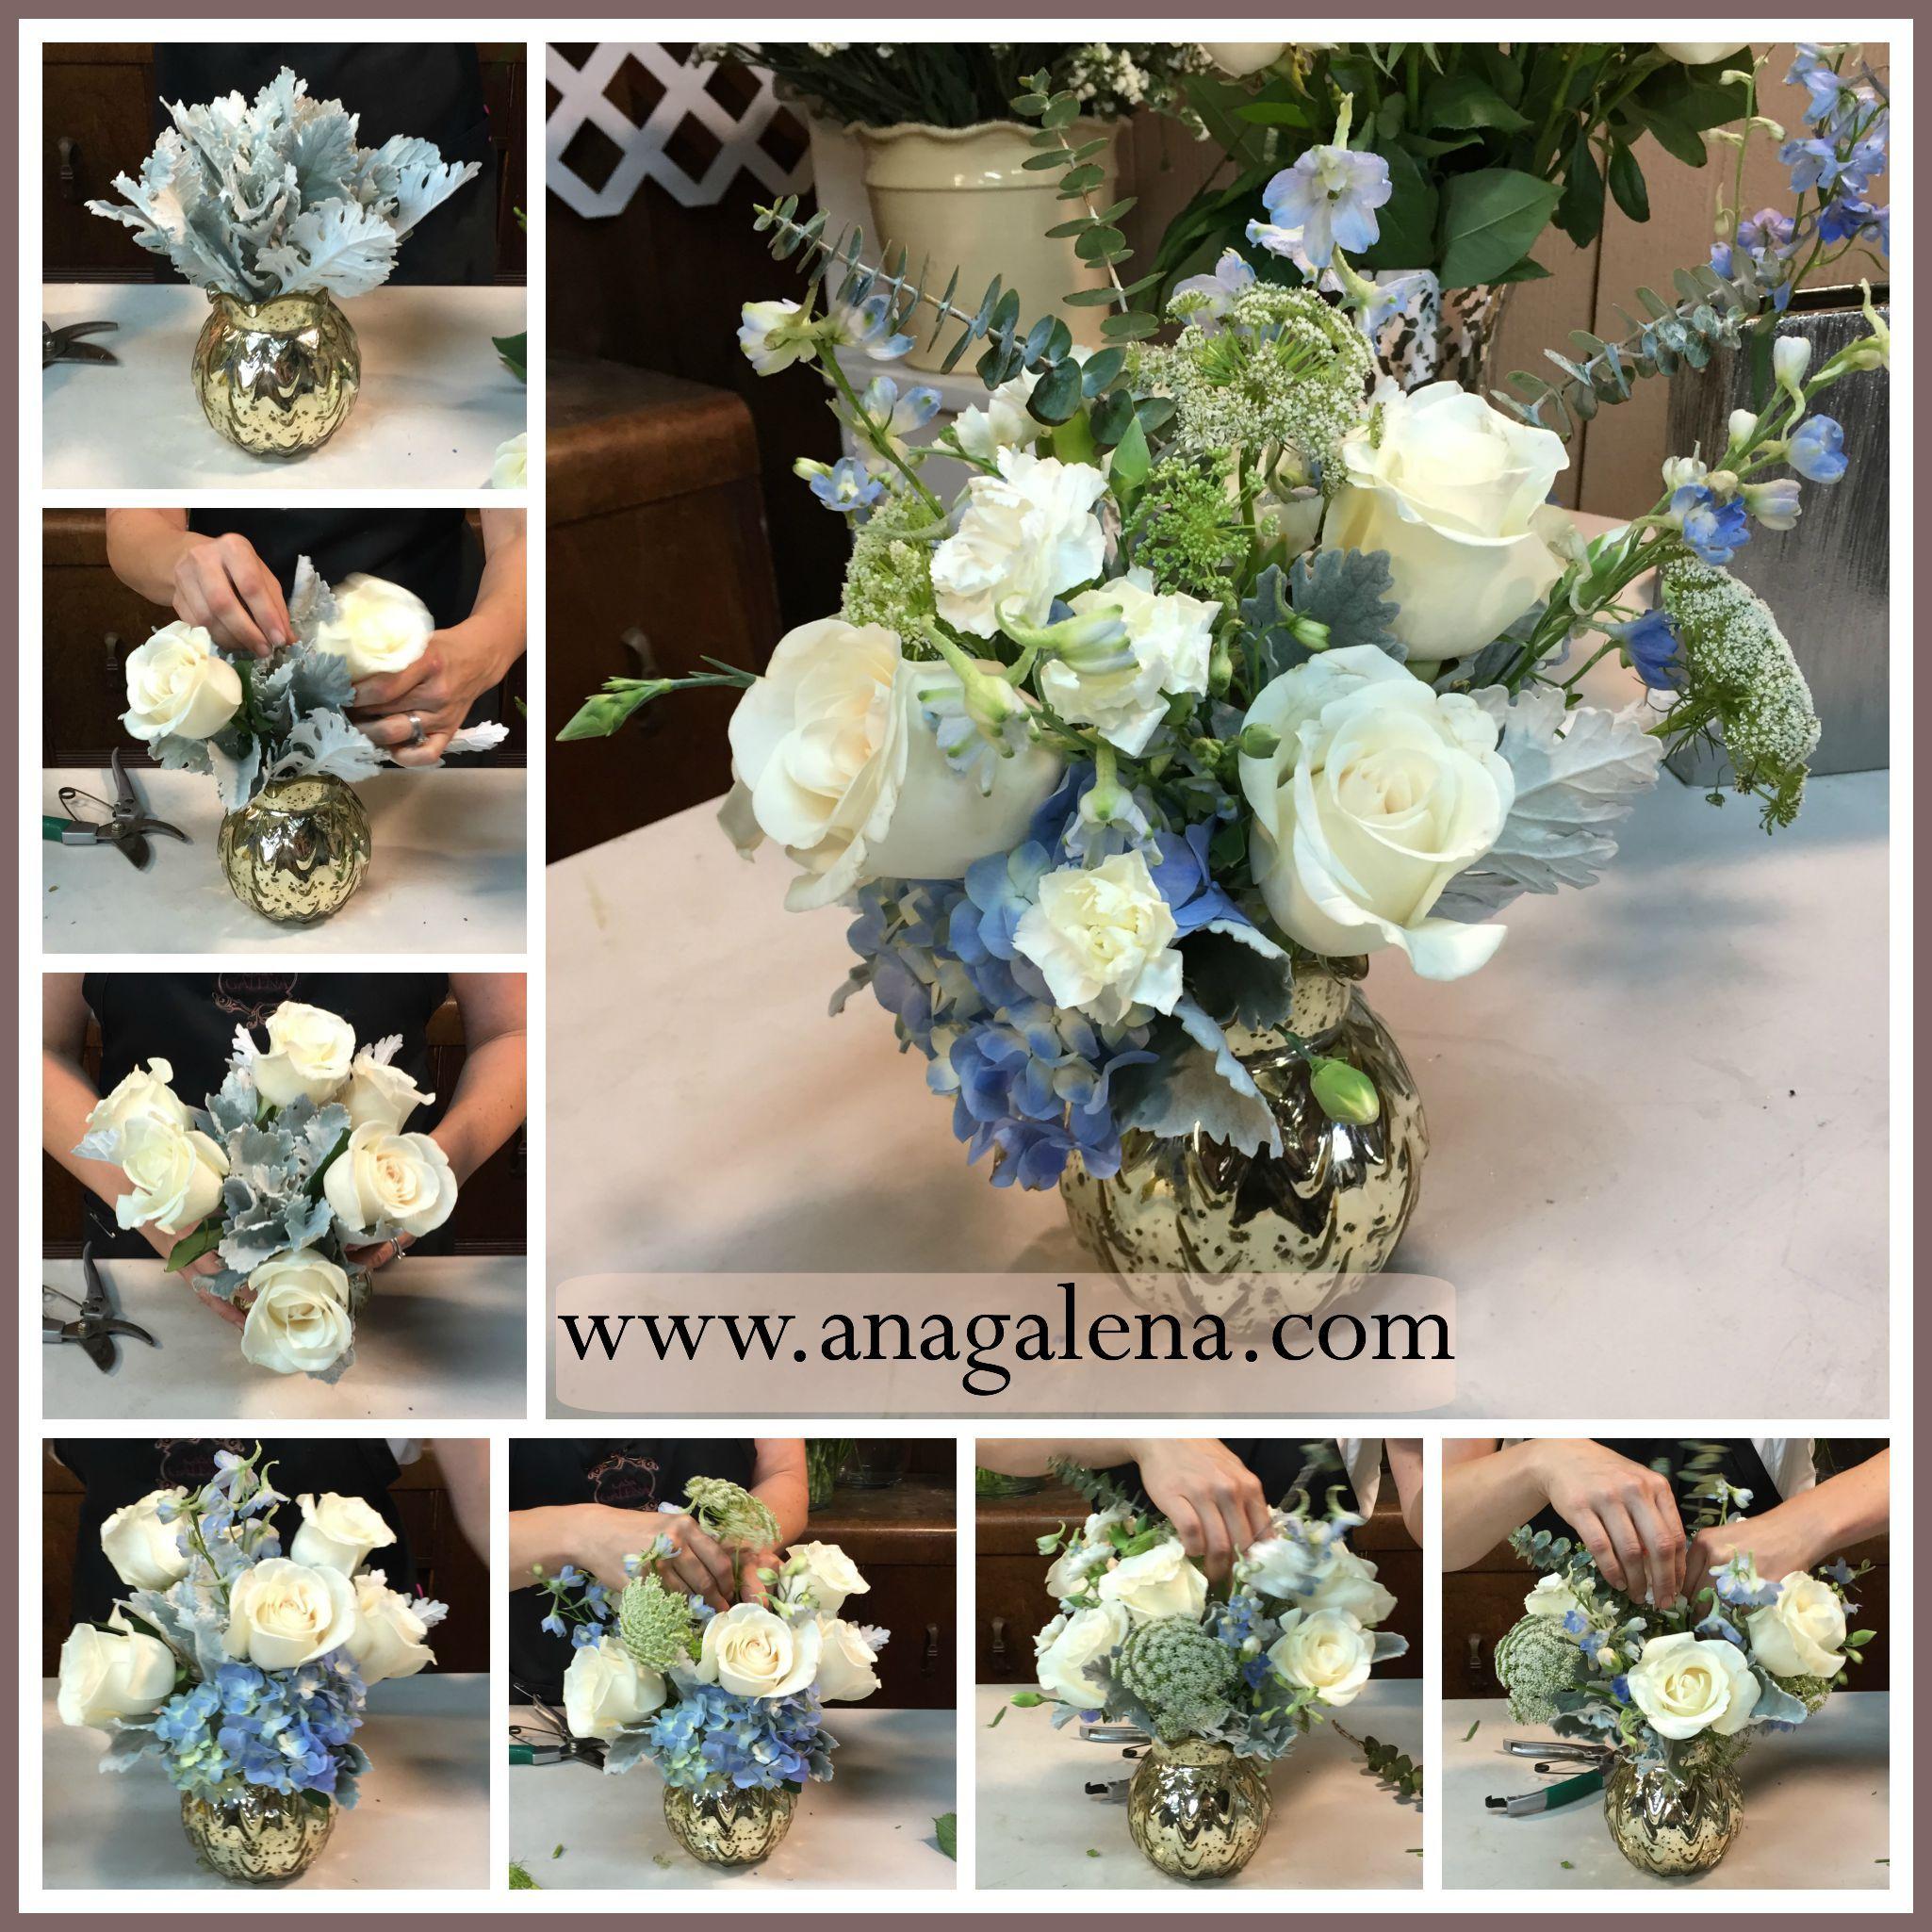 paso por paso como hacer un arreglo de flores en vidrio de mercurio con flor azul